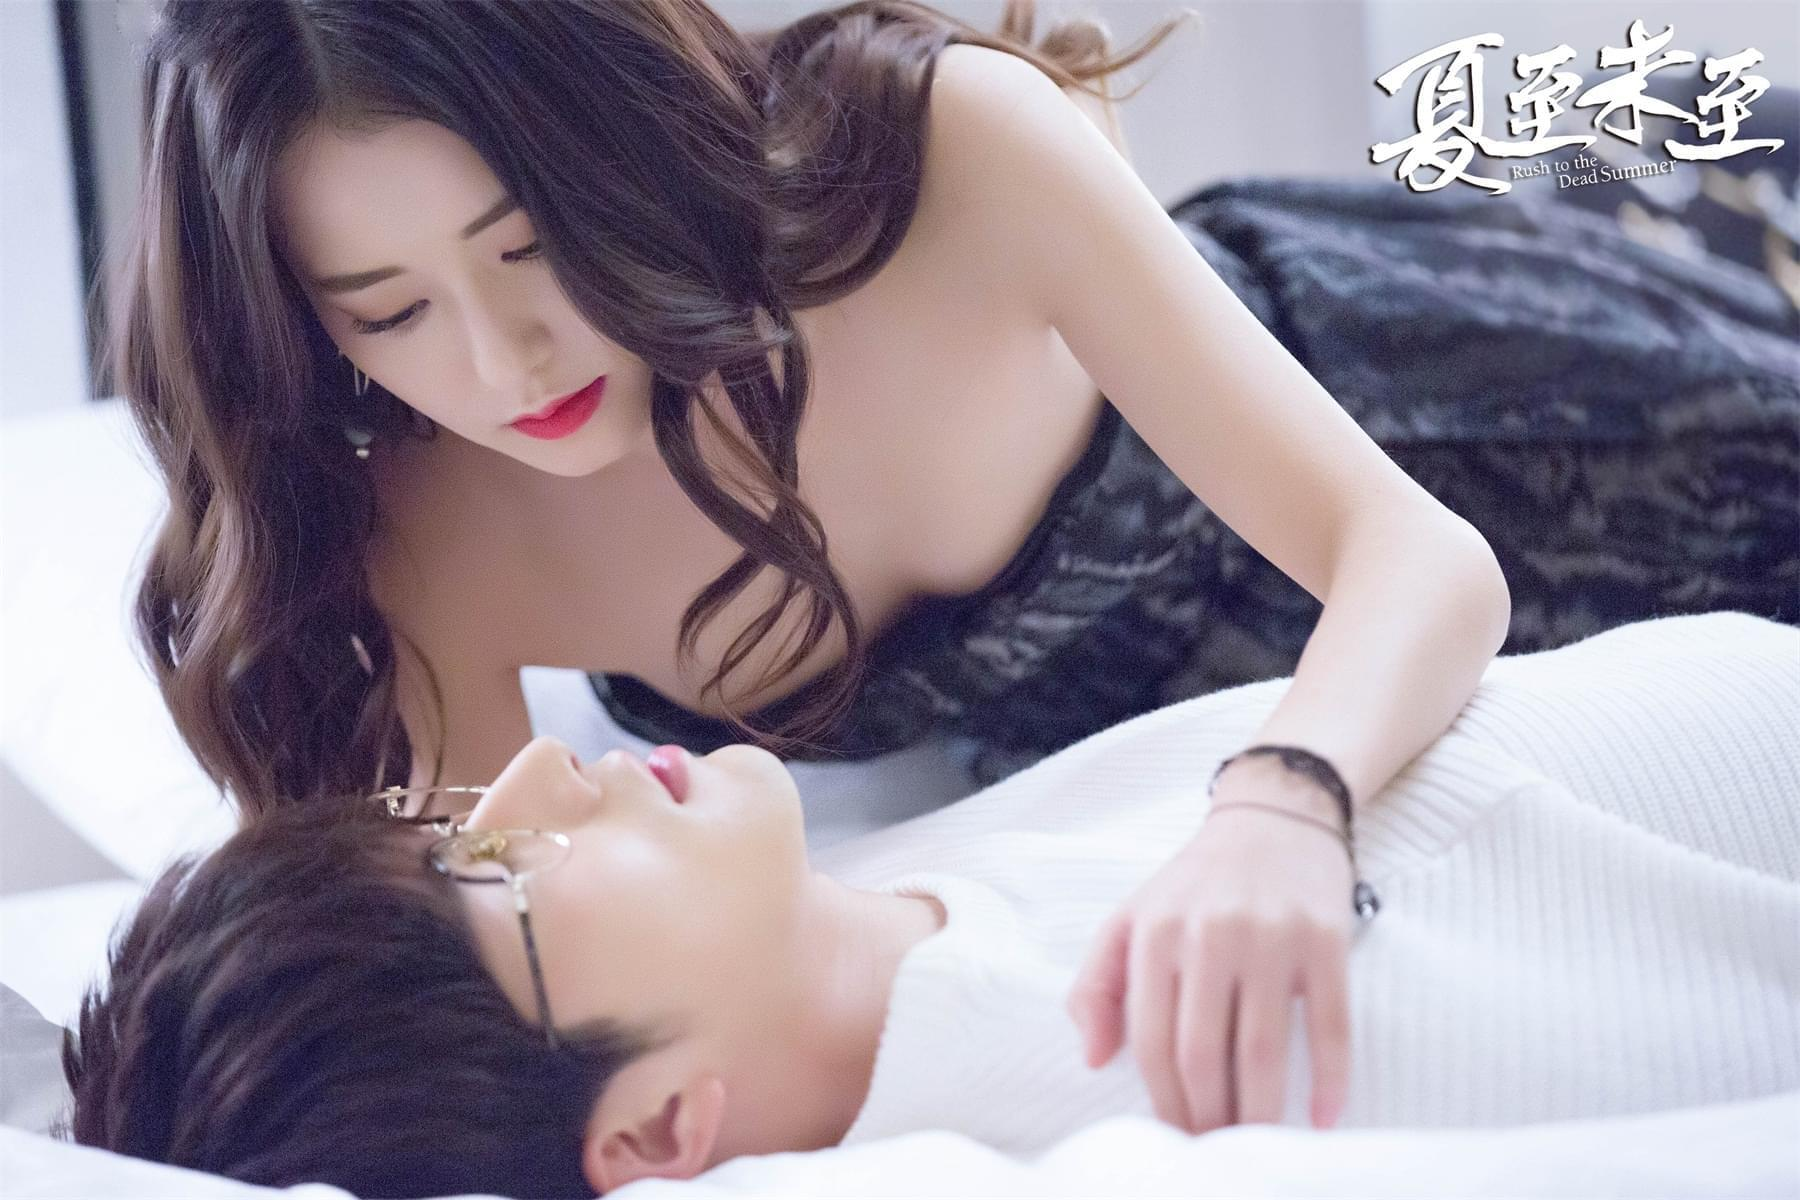 """柴碧云《夏至未至》戏中""""虚拟人生""""不留遗憾"""